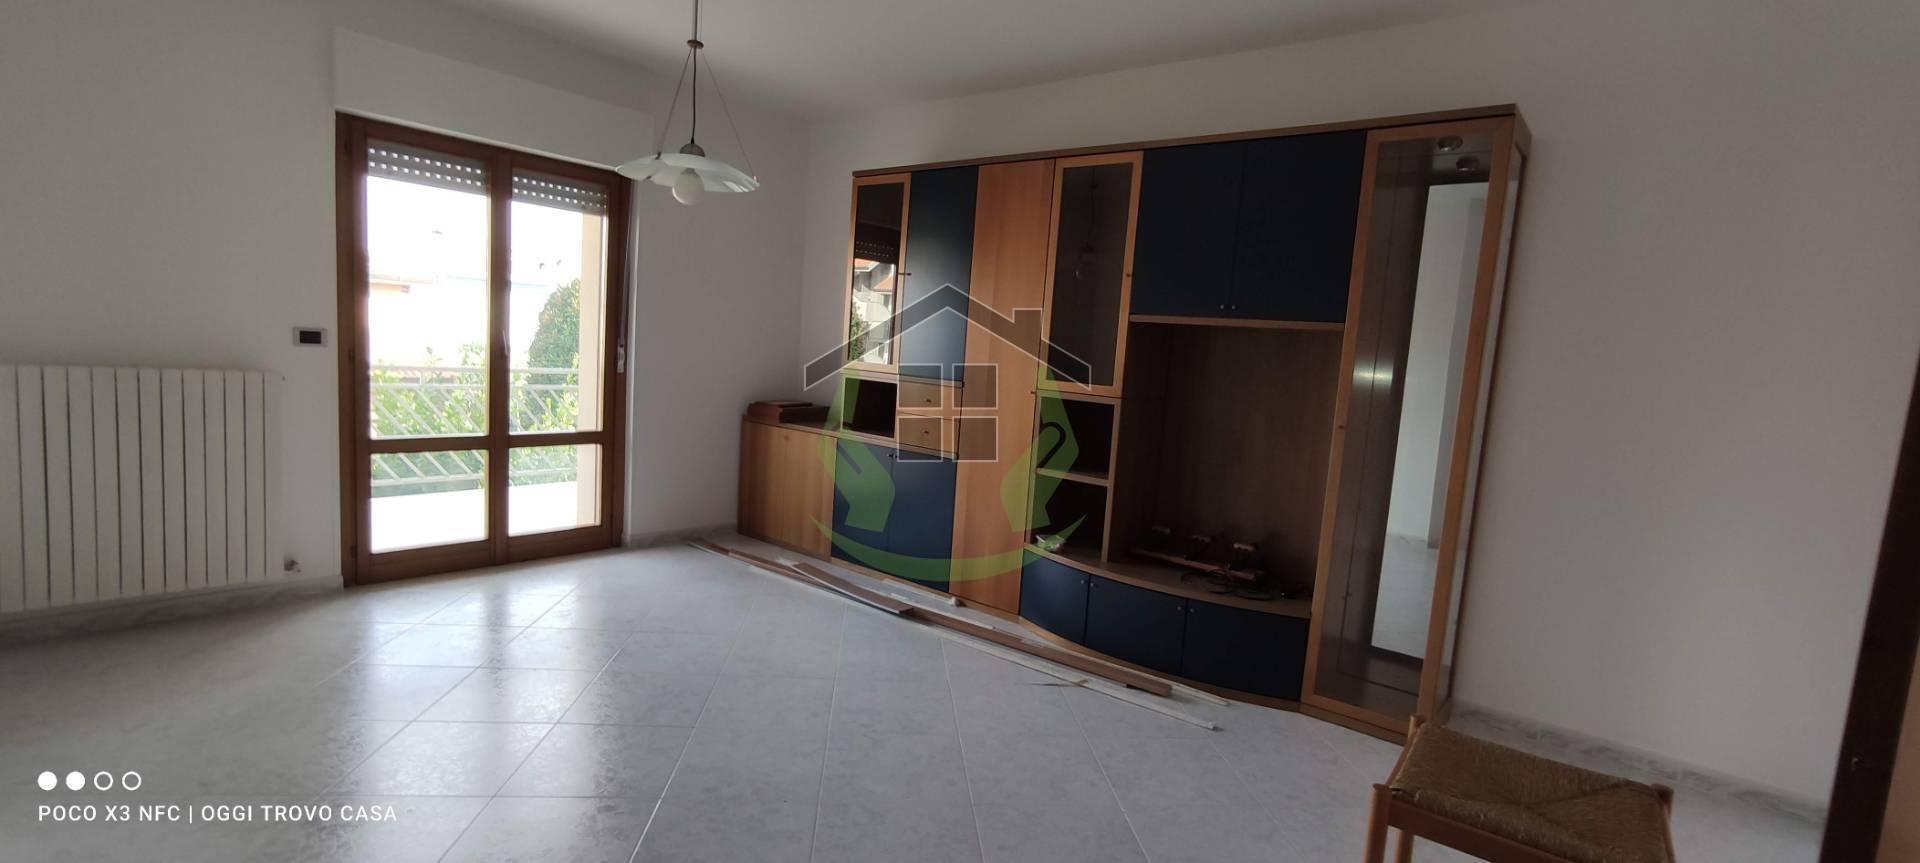 Appartamento in vendita a Castel di Lama, 4 locali, zona toni, prezzo € 115.000   PortaleAgenzieImmobiliari.it